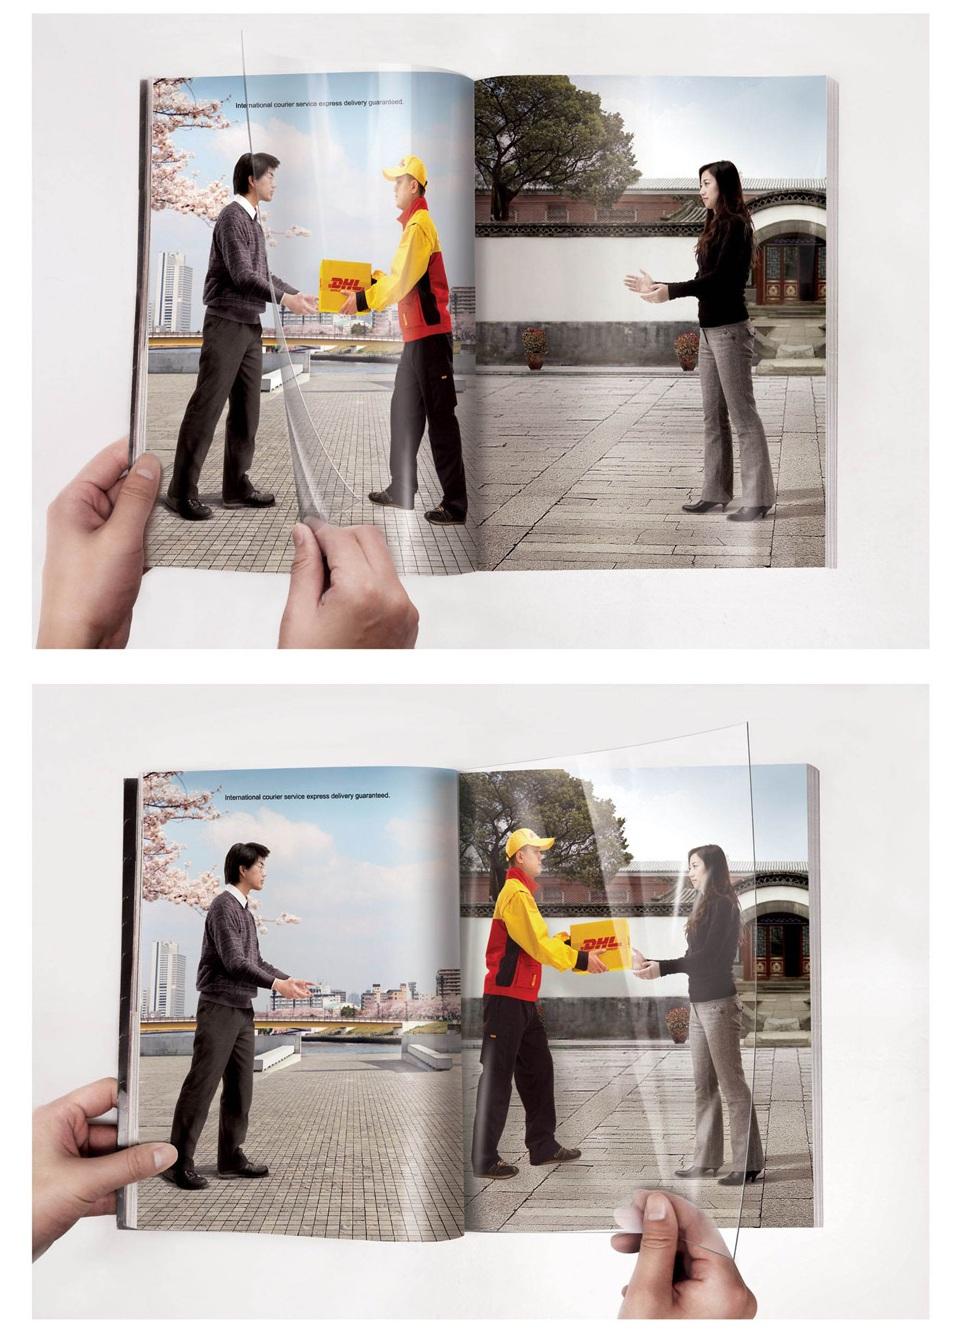 Quảng cáo trên tạp chí cuốn hút người đọc như thế nào? marketingreview.vn 1